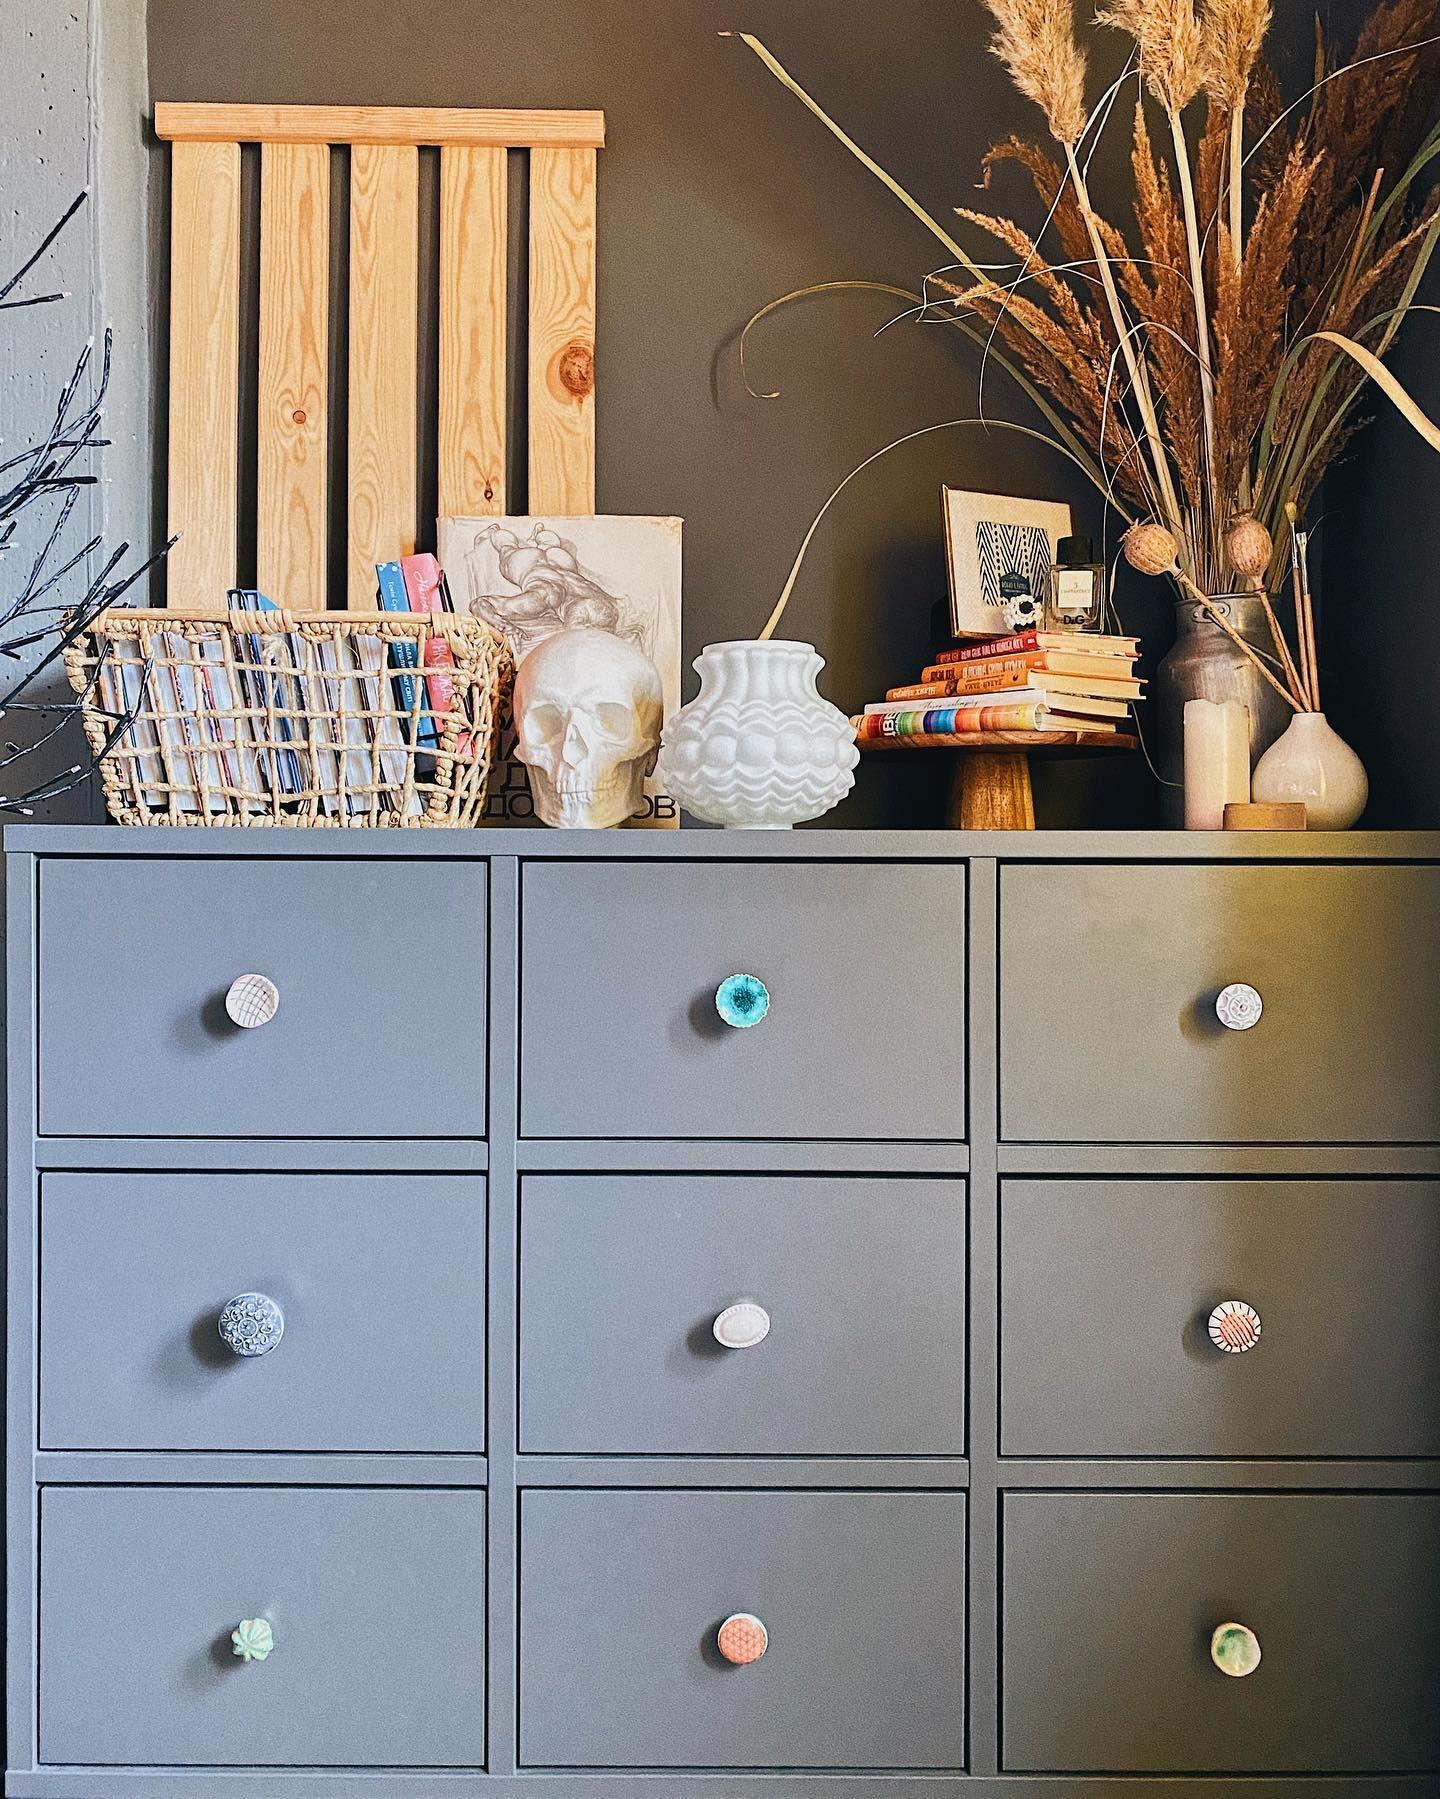 Комод з IKEA. Ручки з Maison du monde, Tk Maxx ⠀ #ikeaideas #ikeahack #homeideasdecor #maisondumonde #myinteriorvibe #livingwell #ідеїдлядому #декорінтерєру #натхненнядлядому